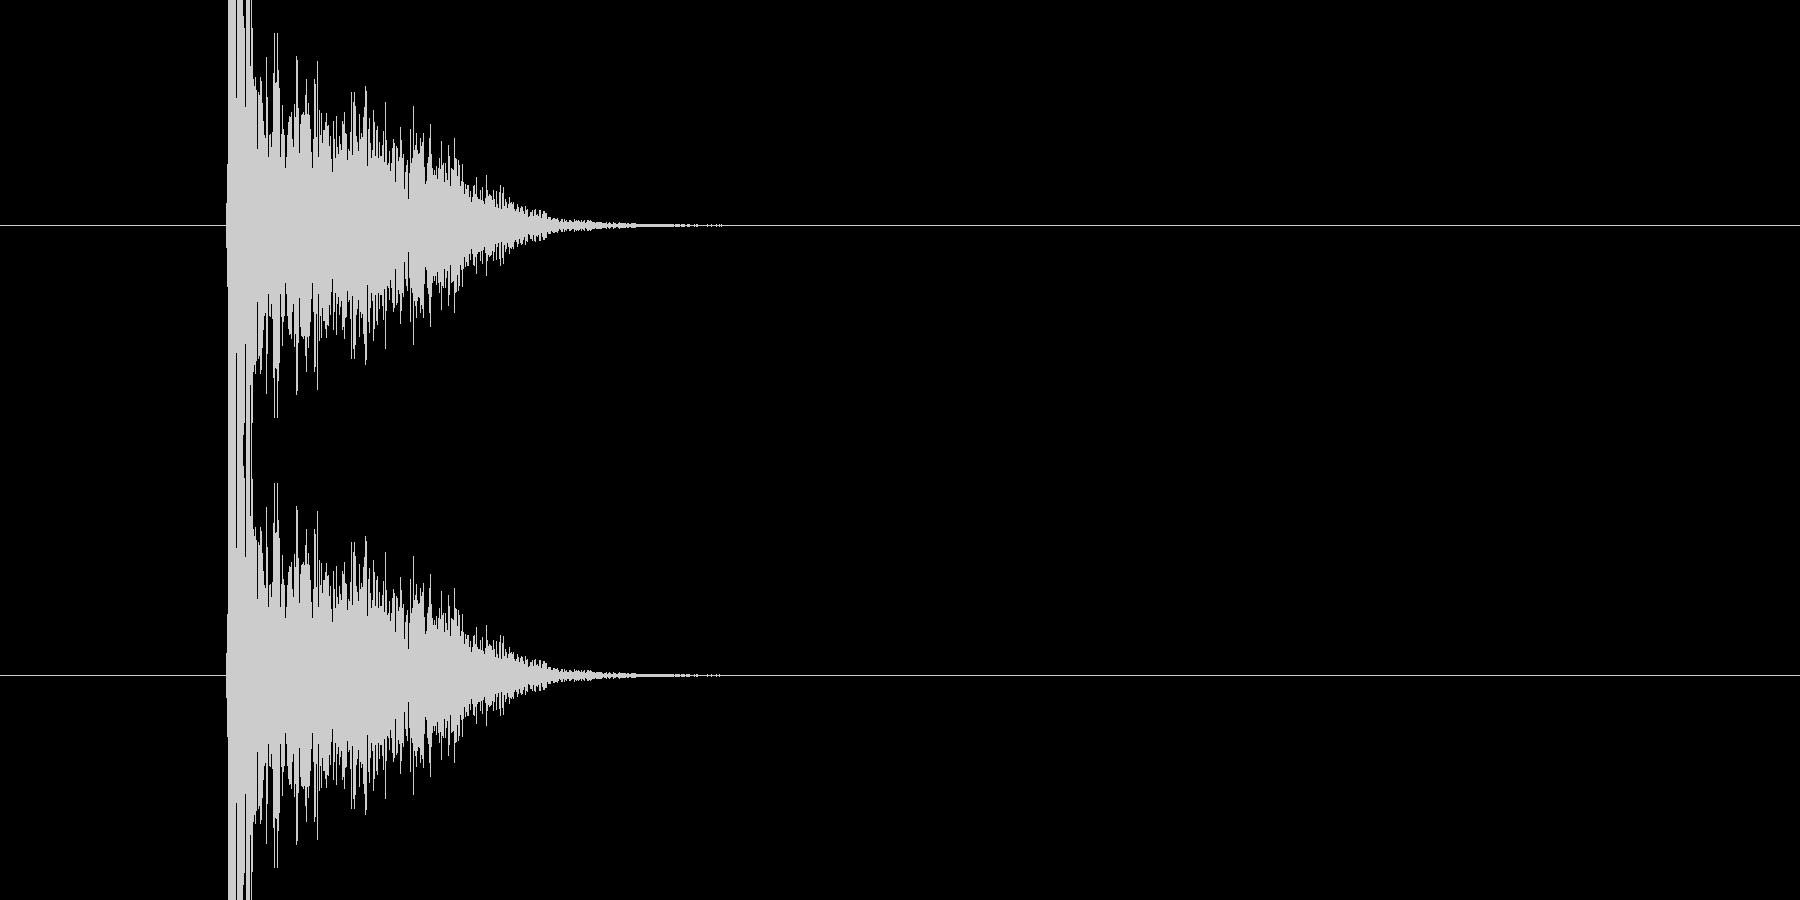 バシ ドン なパンチ、キックの打撃音01の未再生の波形